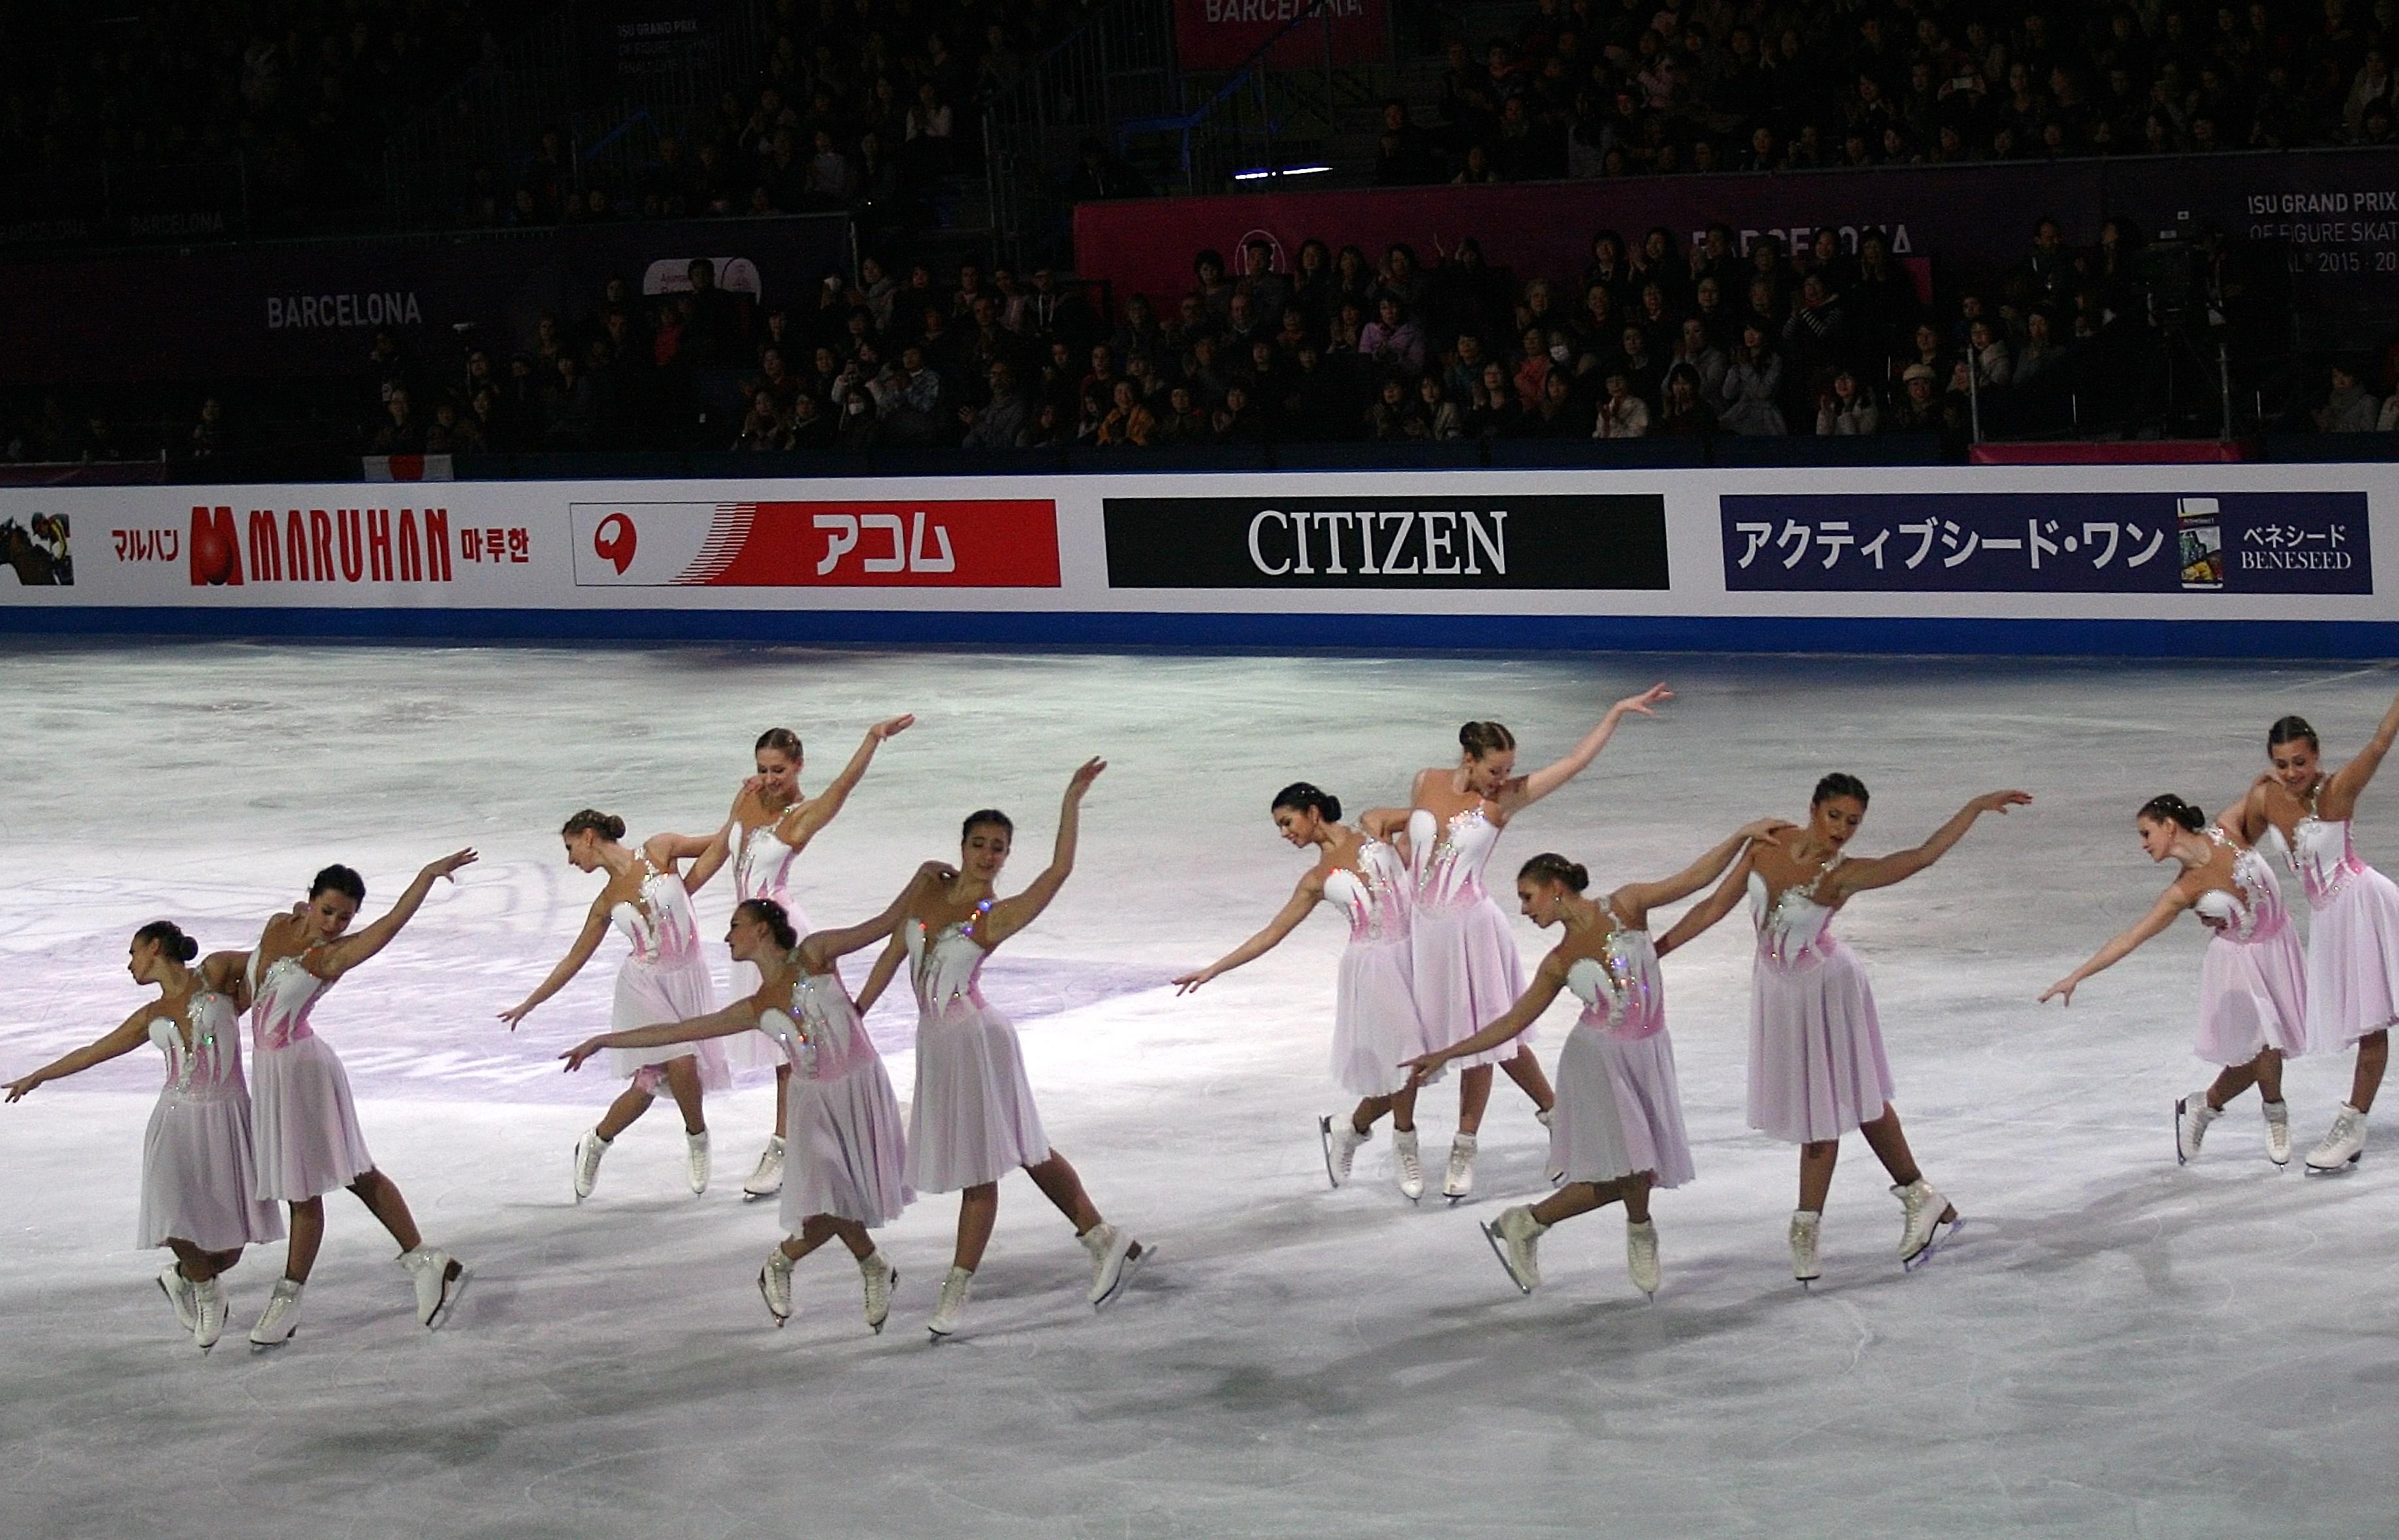 Synchronized skating - Wikipedia